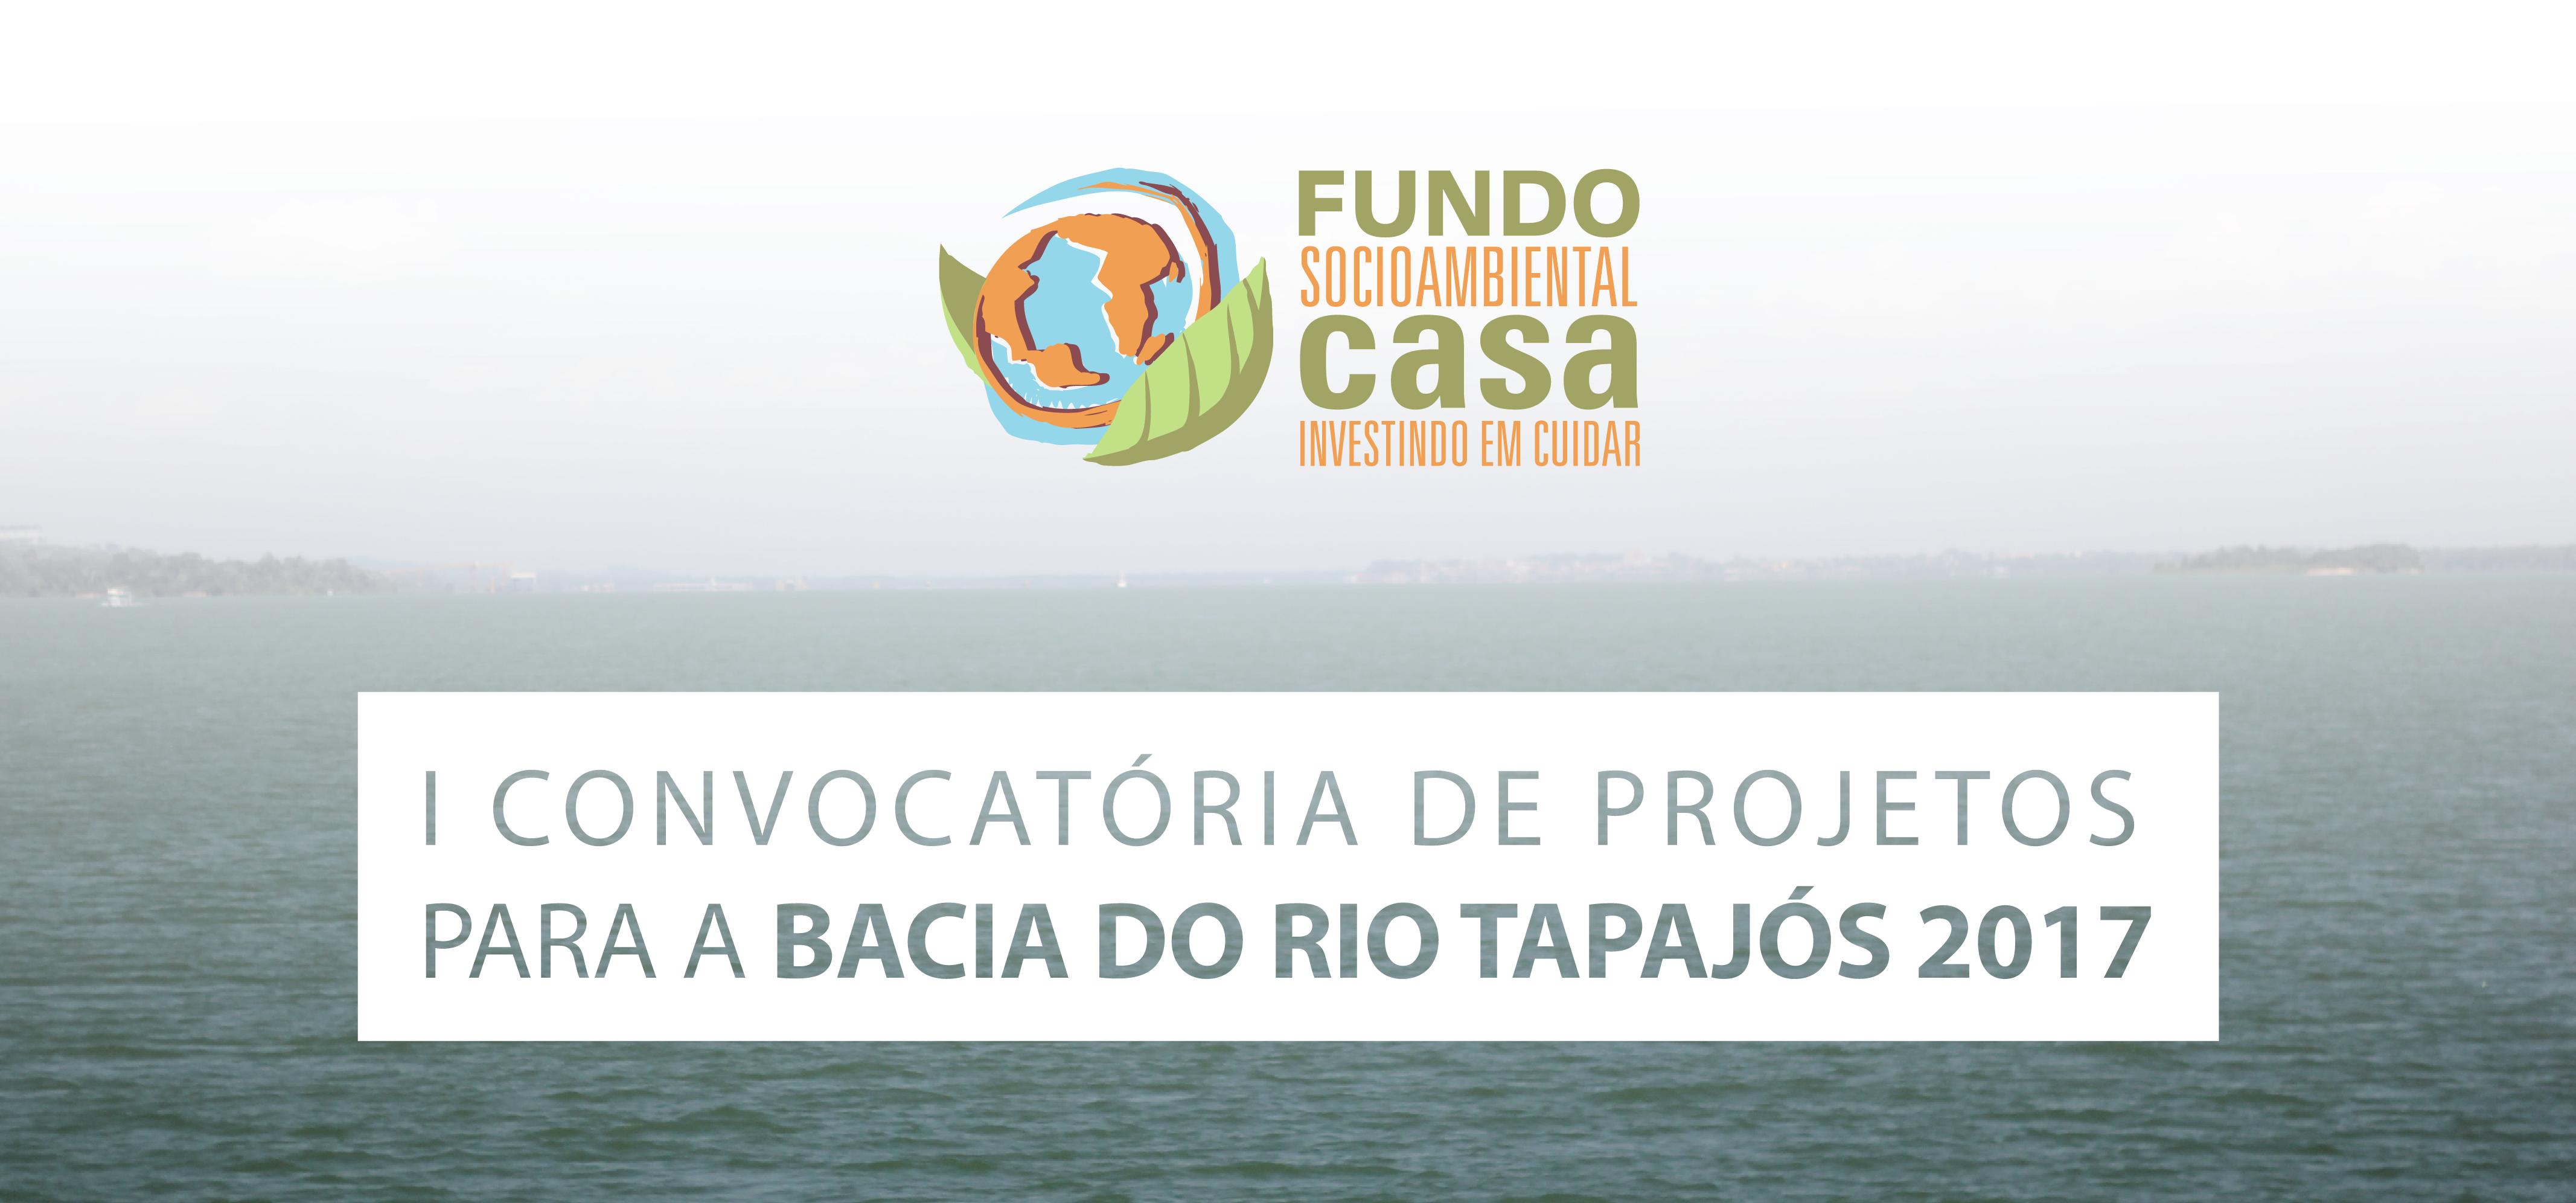 convocatória Tapajos 2017-01